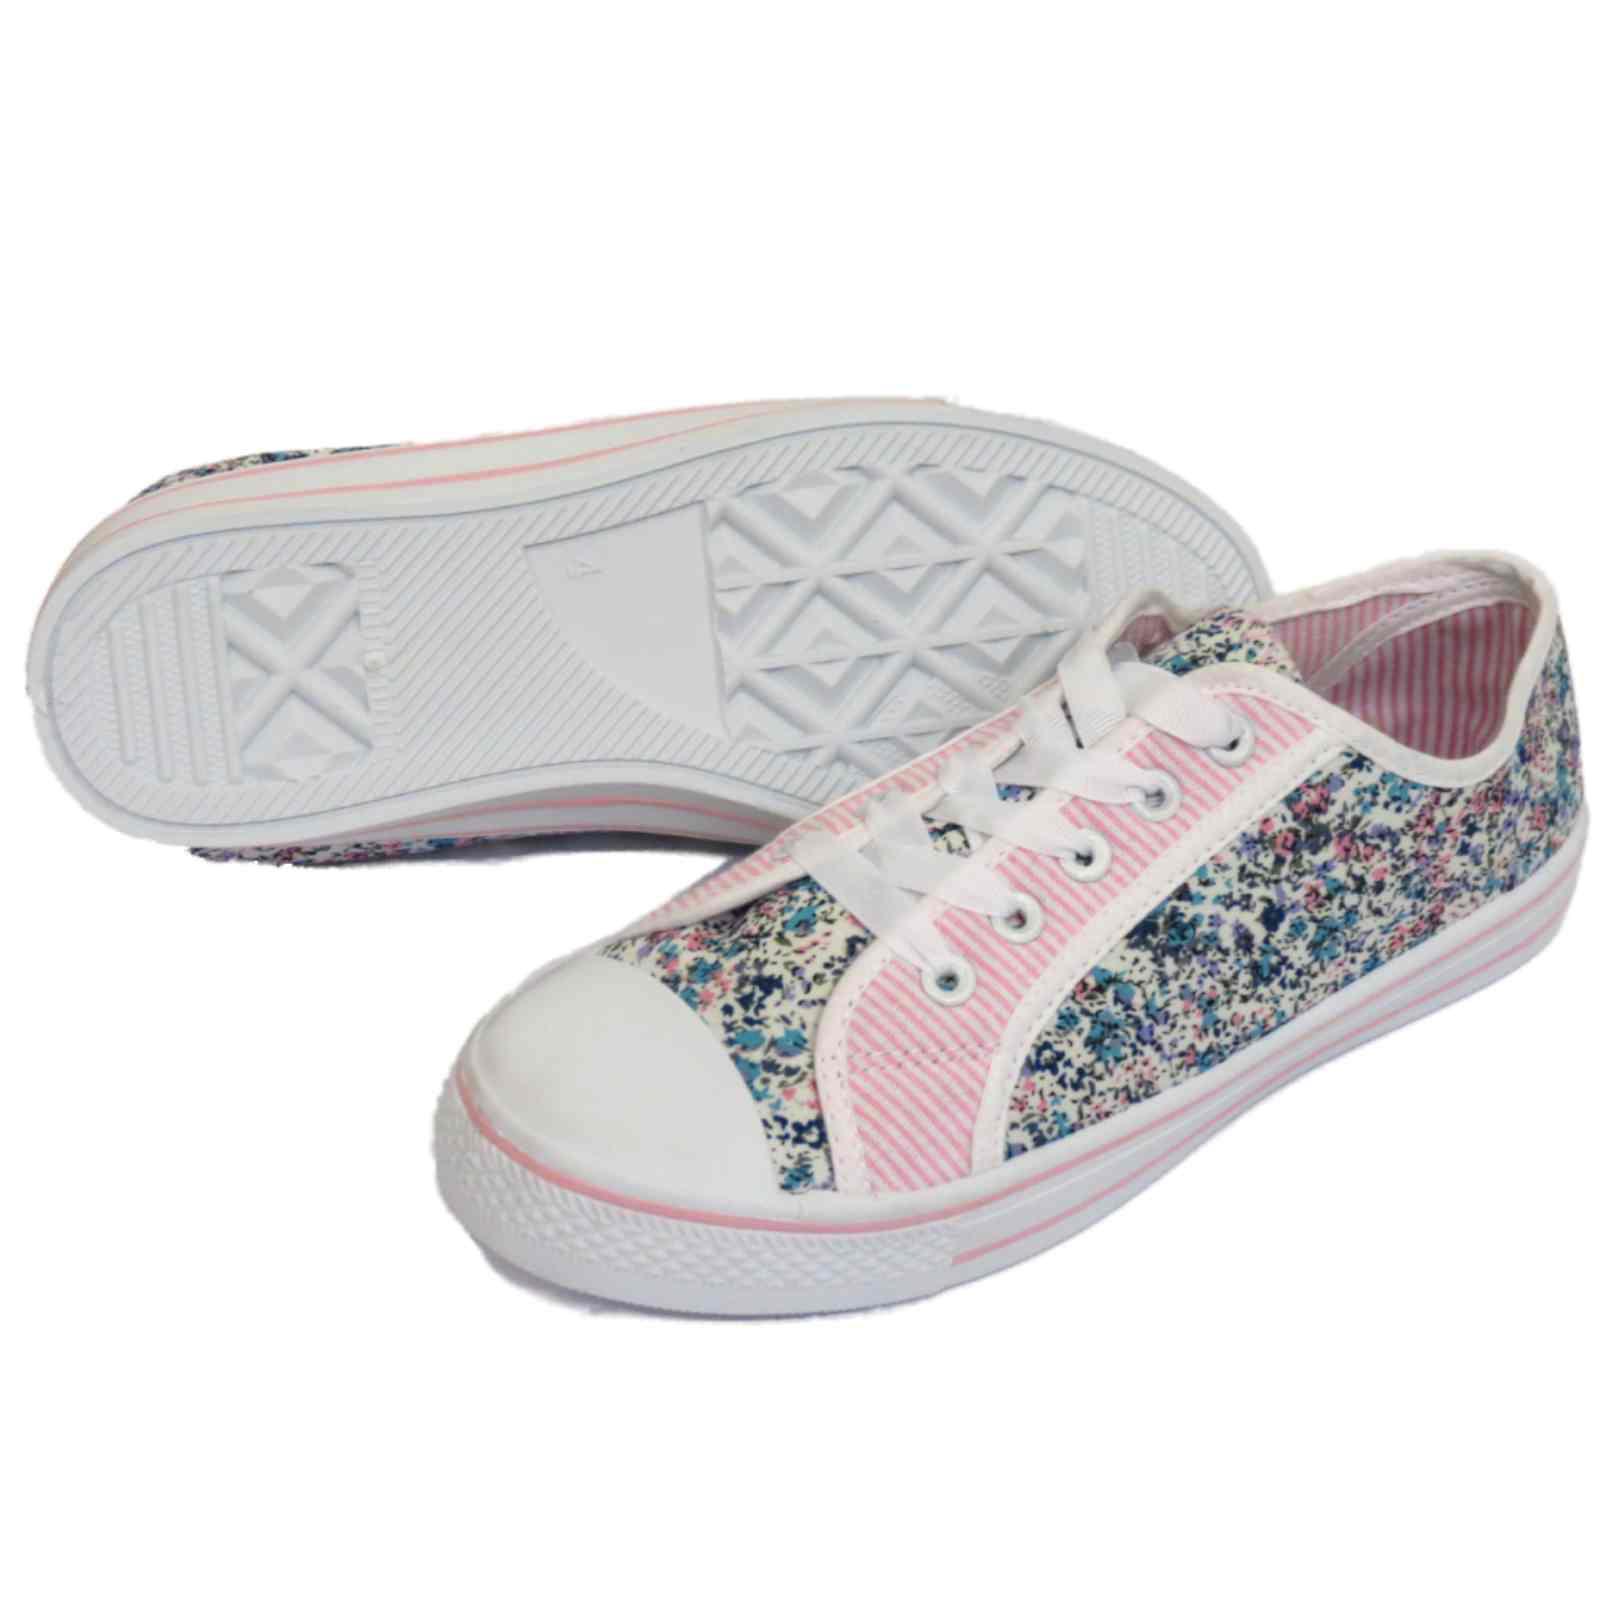 FEMMES TENNIS floral Baskets à lacets chaussures plates